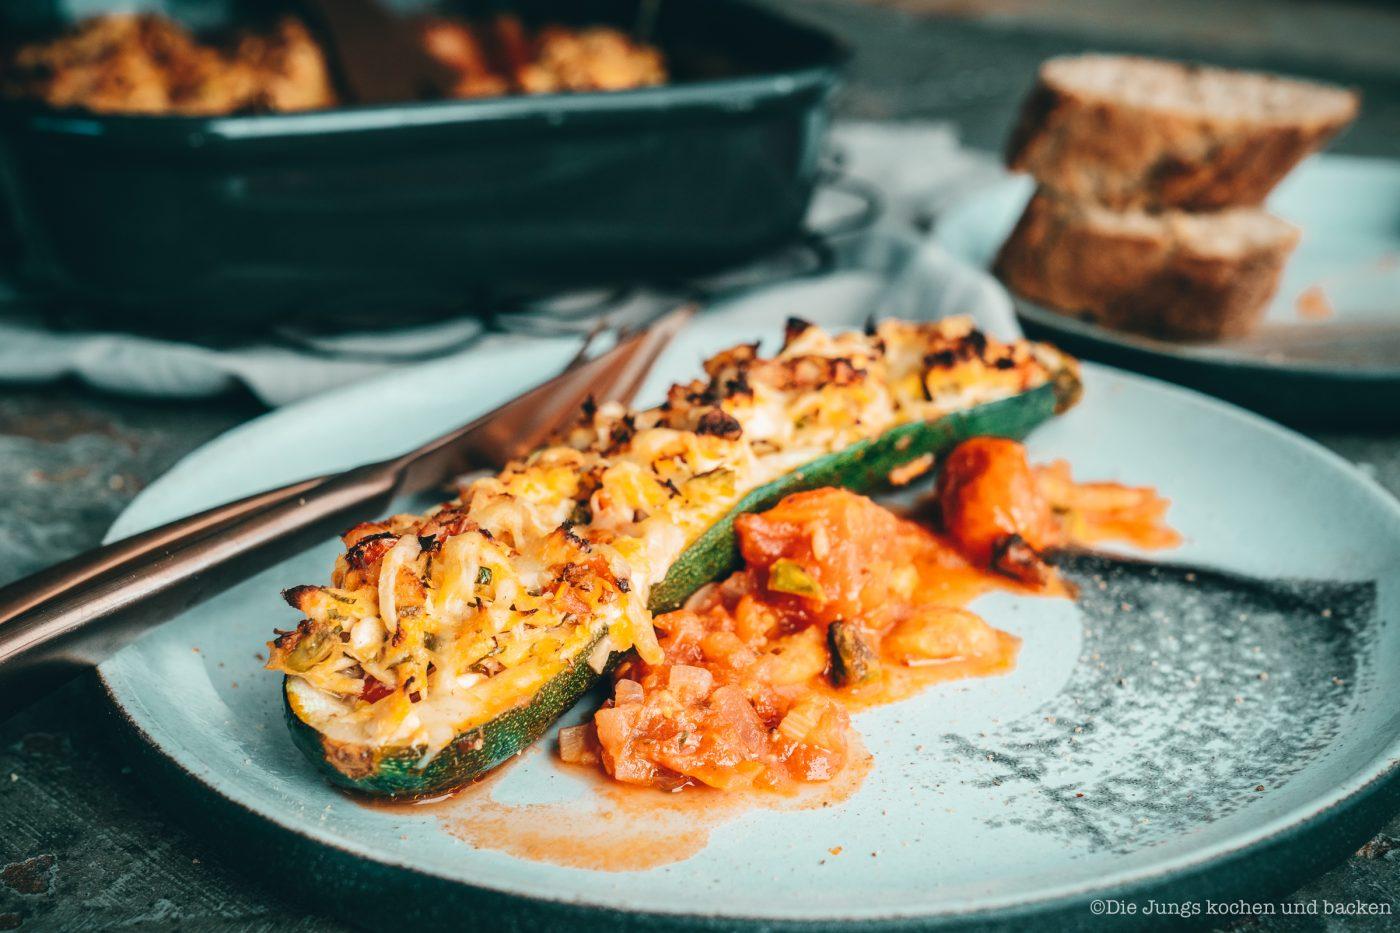 Rezept für gefüllte Zucchini mit Thunfisch. Ein wunderbares Gericht für die schnelle Feierabendküche | inklusive dem Thunfisch-Bericht 20190 des MSC!